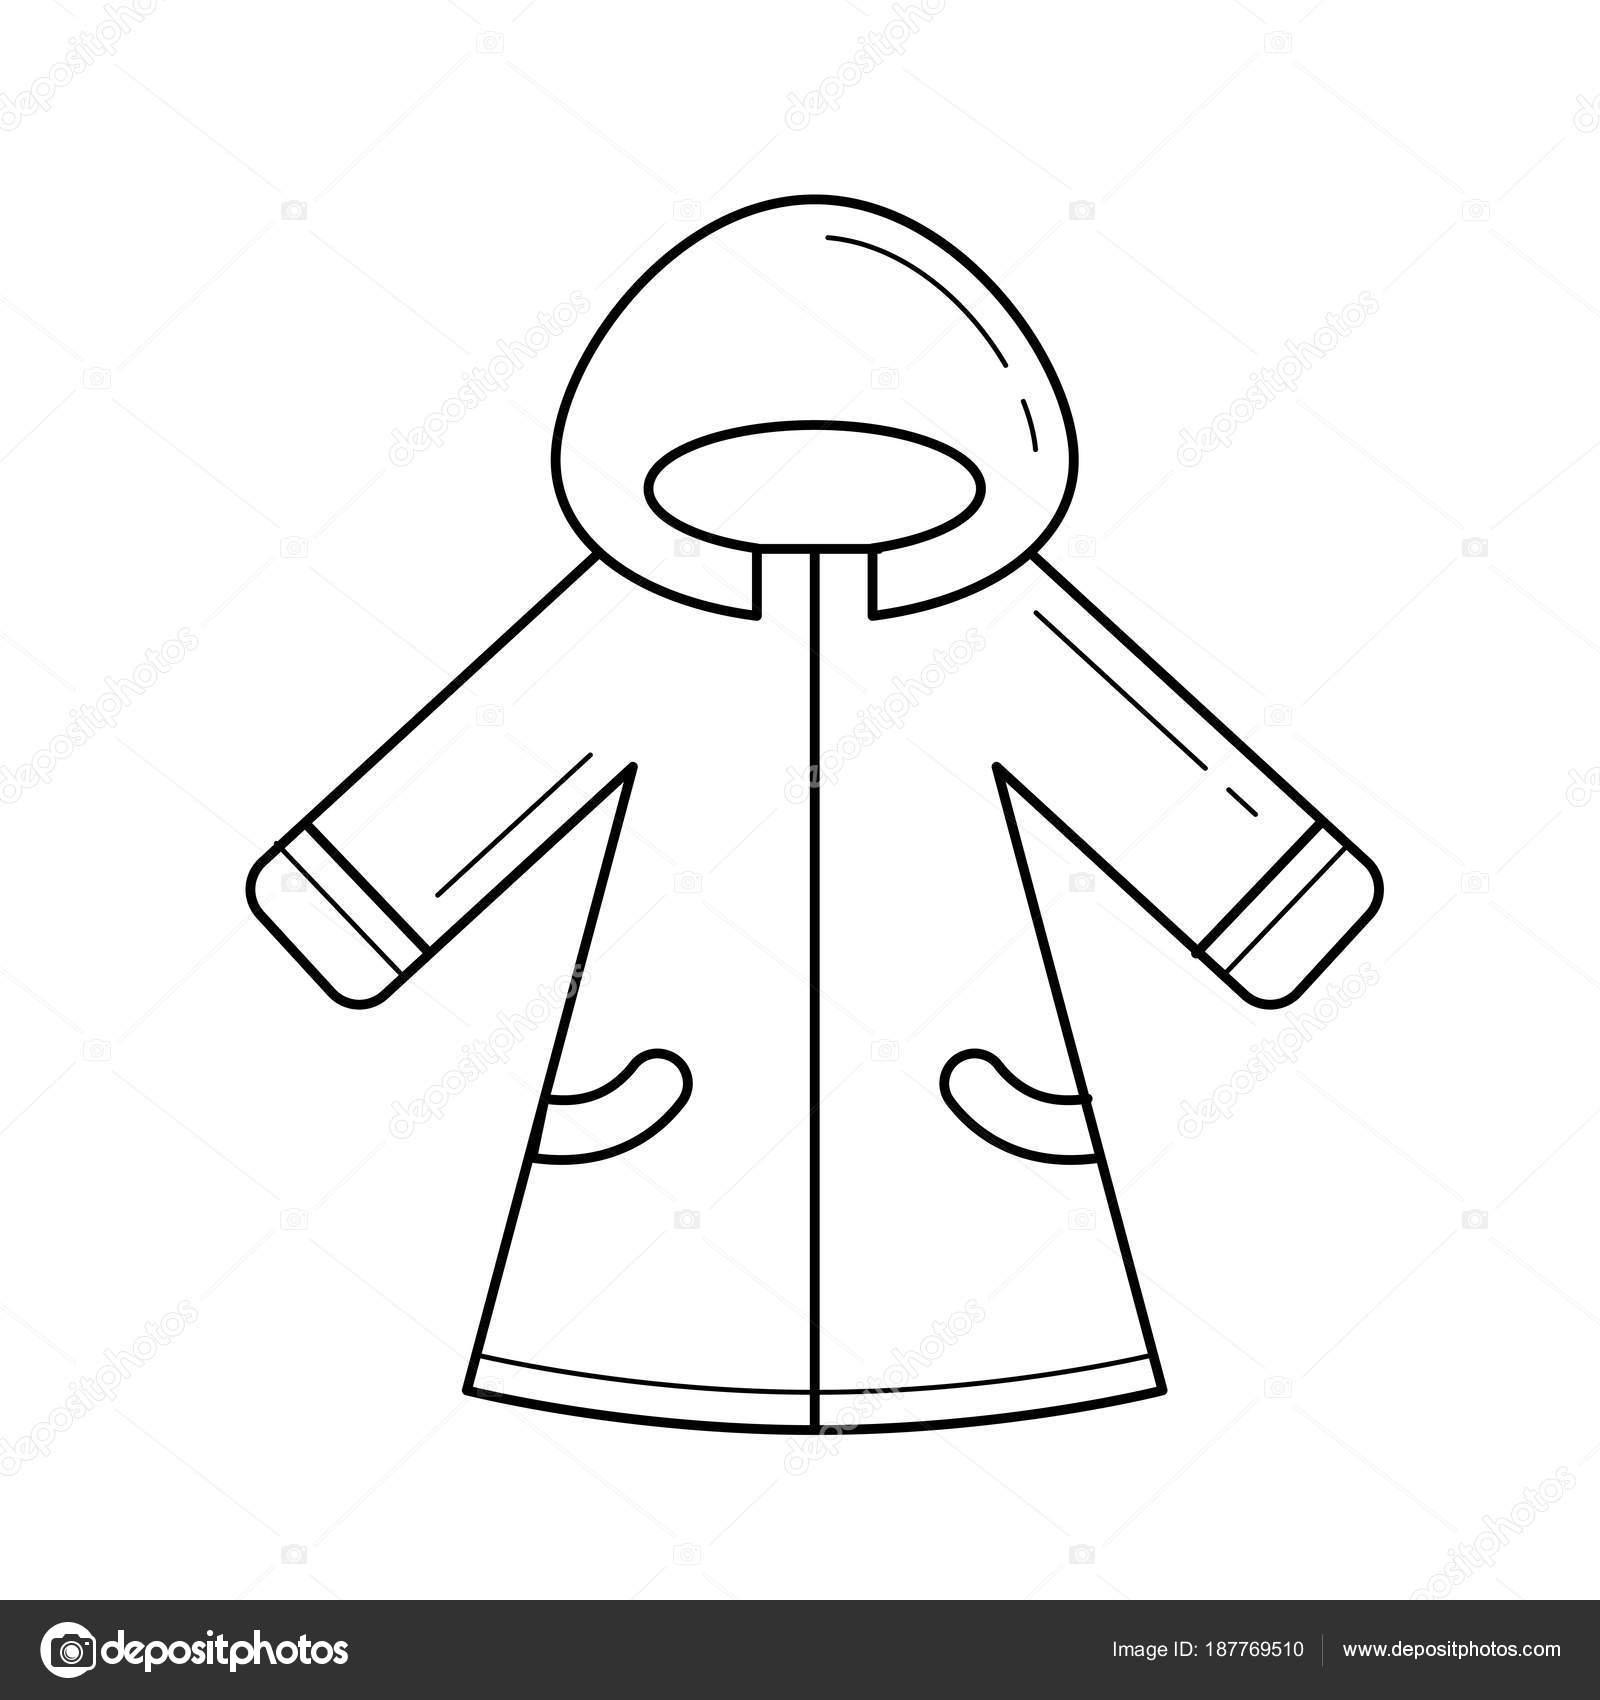 Ropa de invierno de bebé vector icono de línea — Archivo Imágenes  Vectoriales c008a8cbdf67